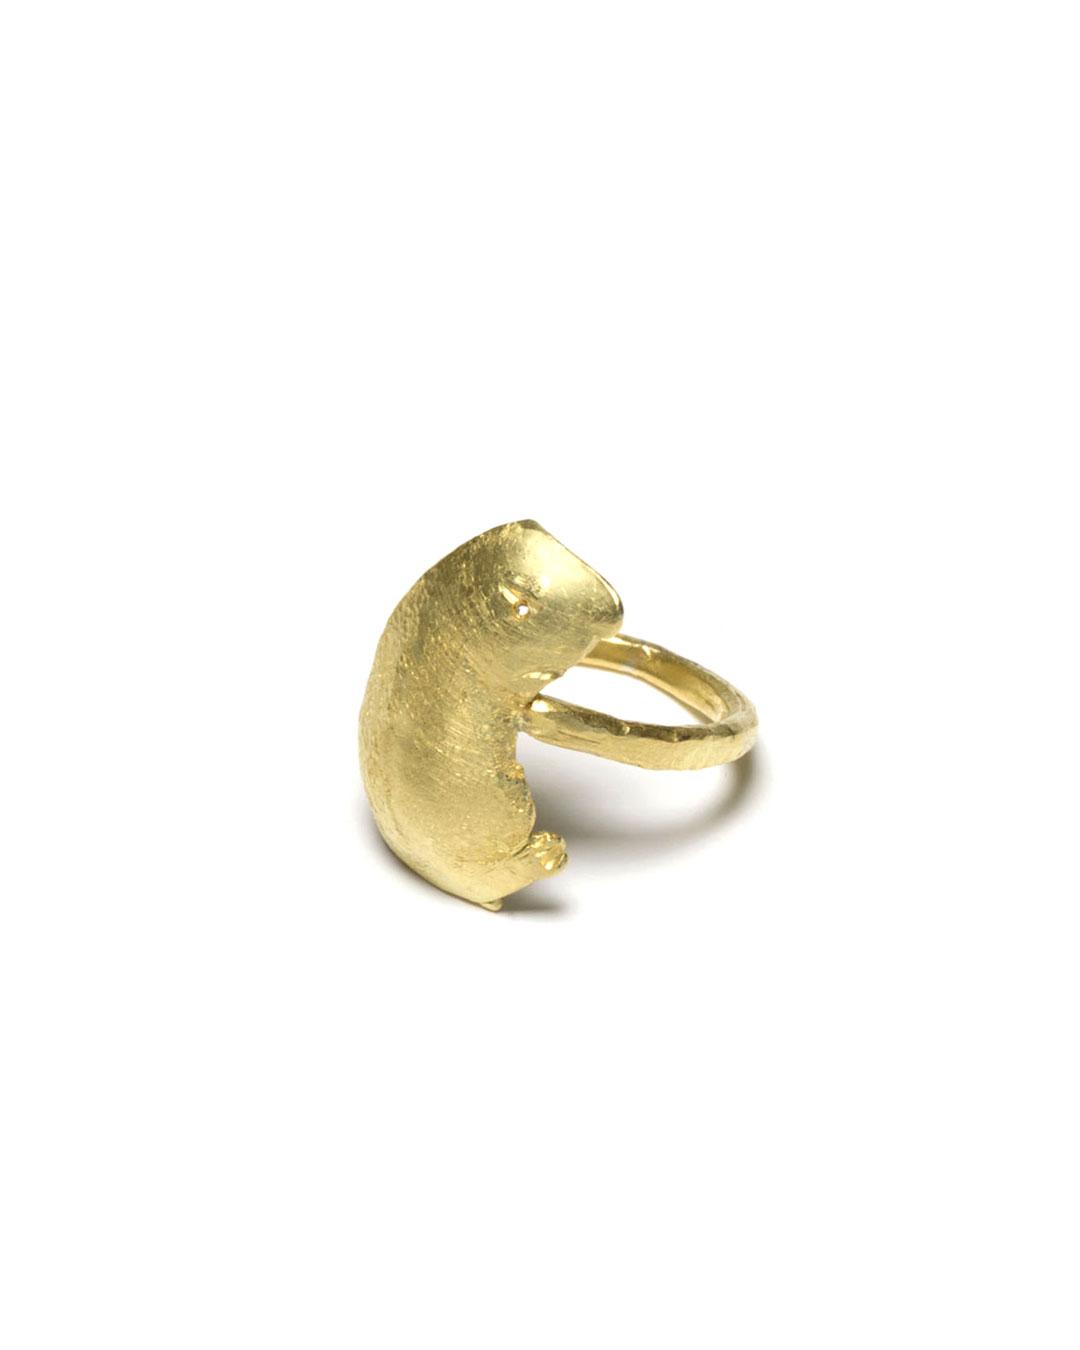 Juliane Brandes, zonder titel, 2016, ring; 18 kt goud, 20 x 24 x 23 mm, €1700